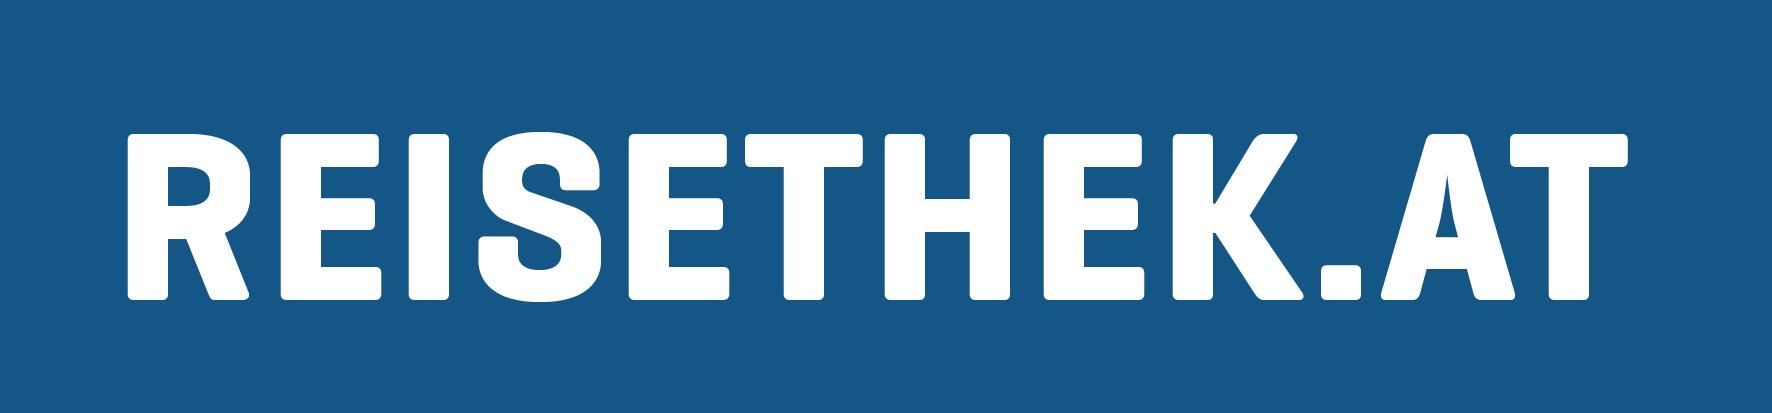 Reisethek_Logo.jpg